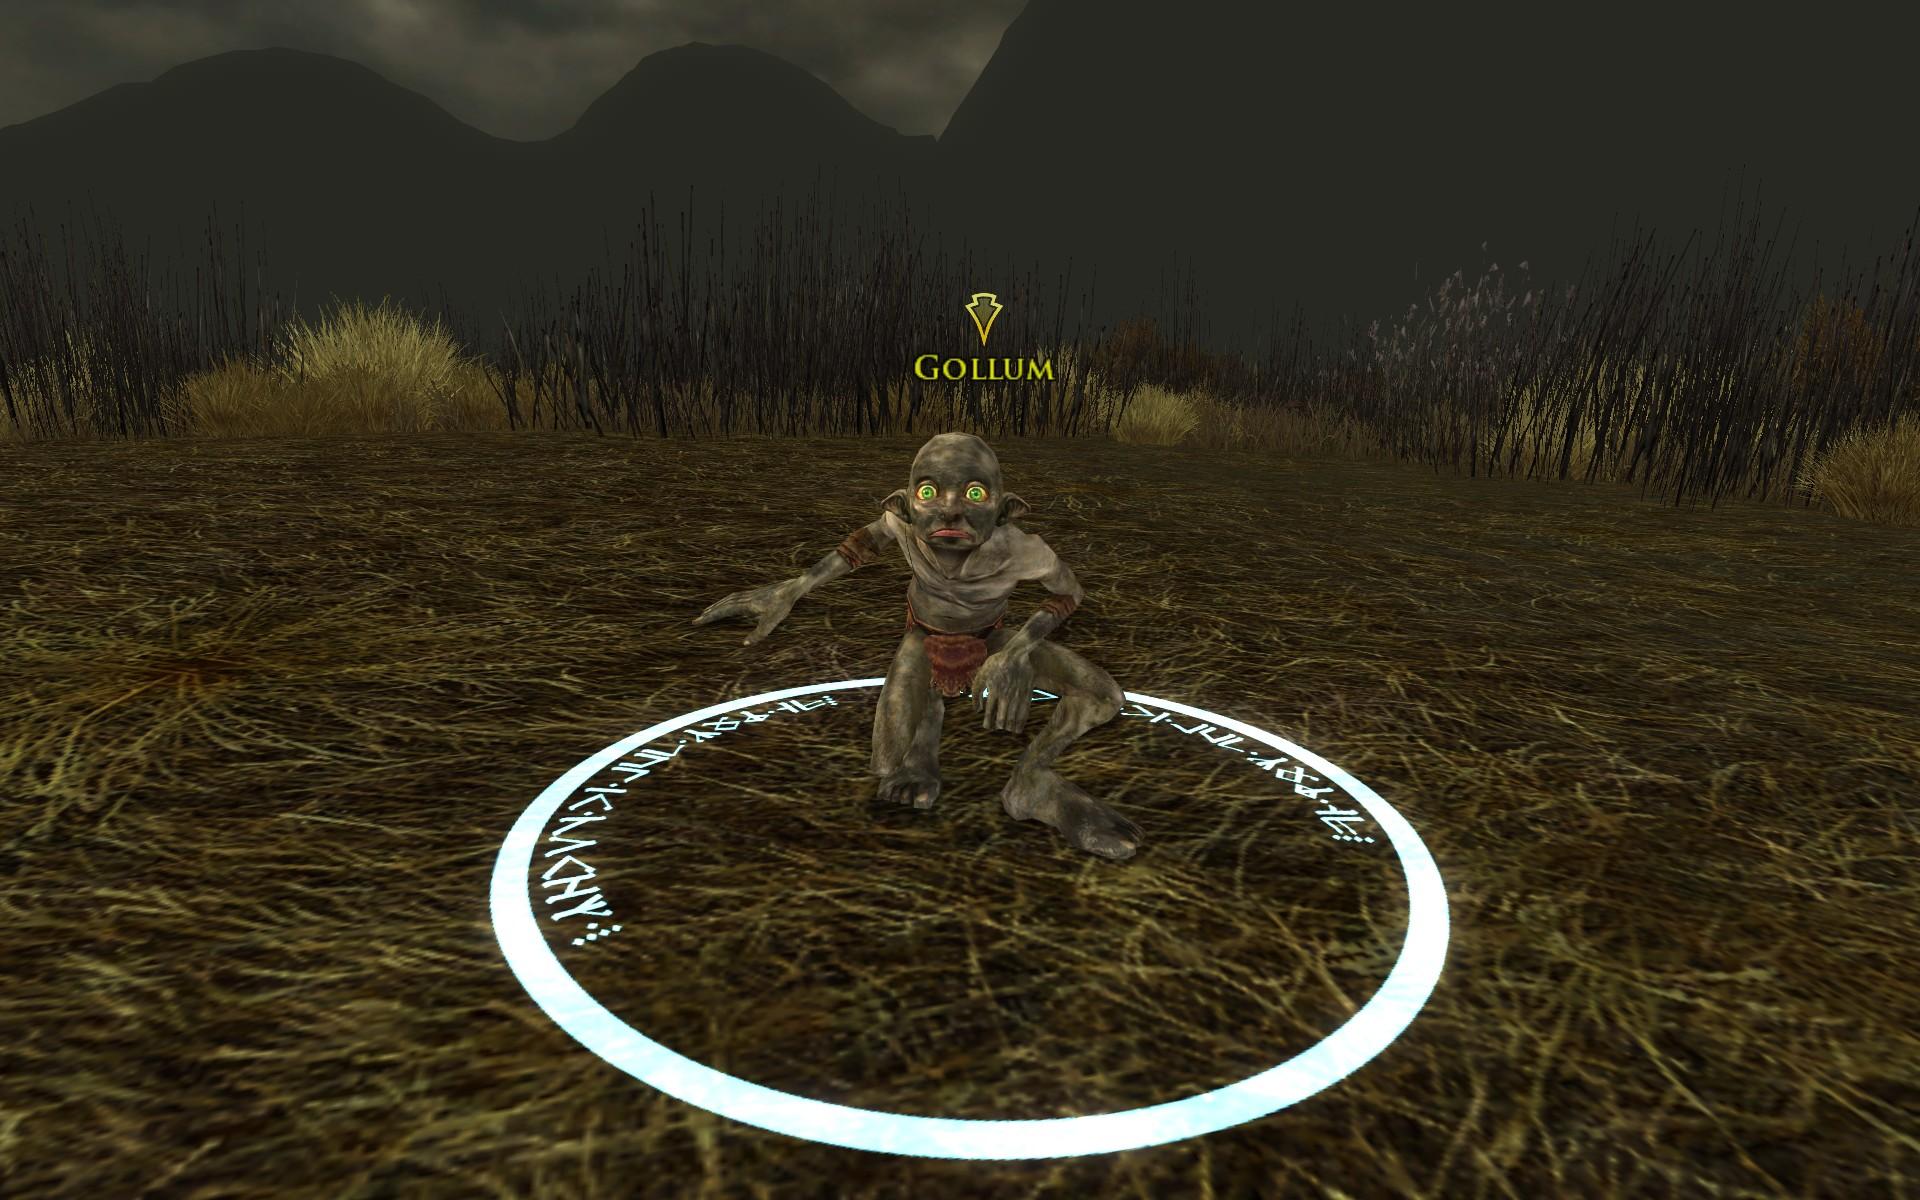 『ロード・オブ・ザ・リングス オンライン』における死者の沼地でのゴクリ